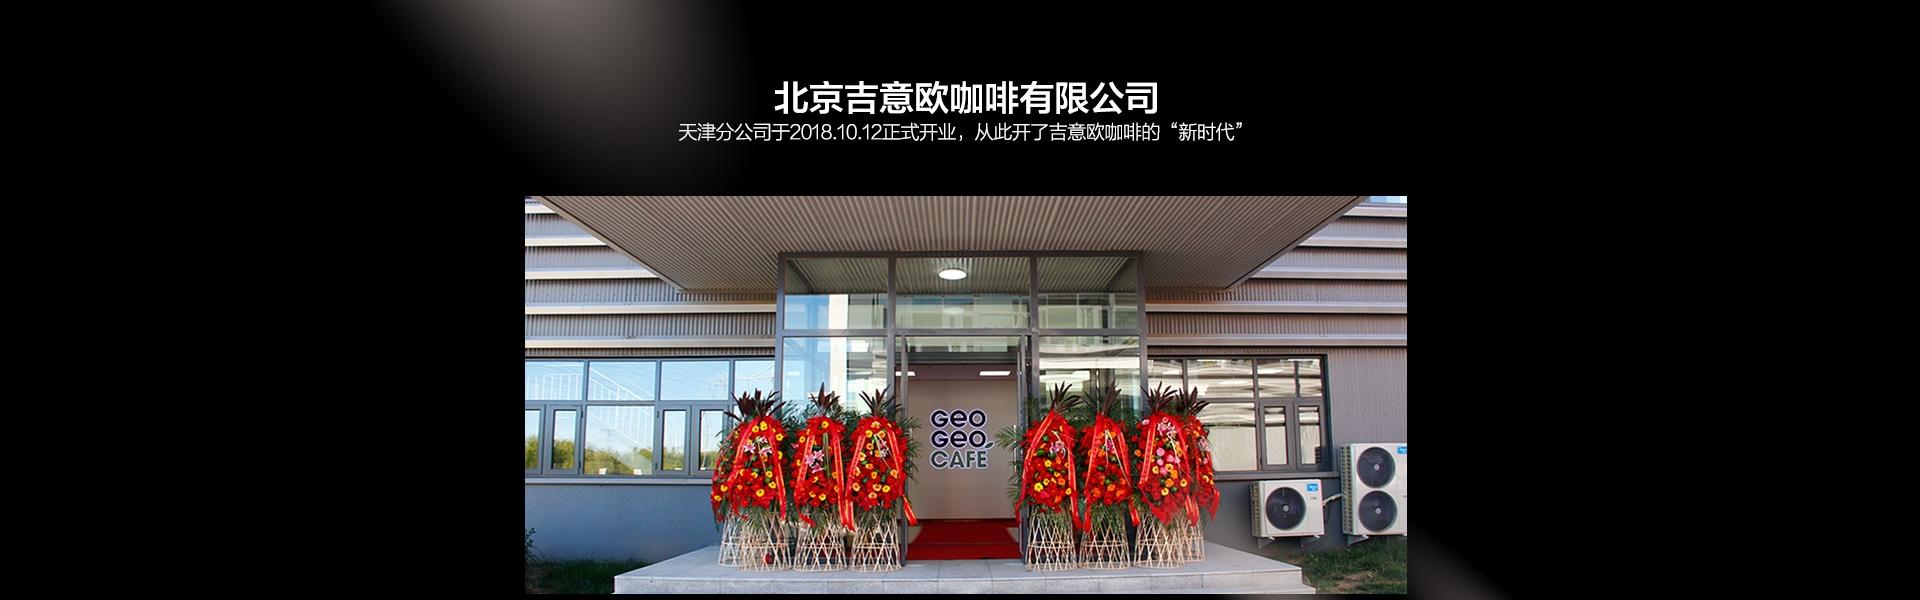 2018.10.12北京吉意欧咖啡有限公司天津工厂正式开业